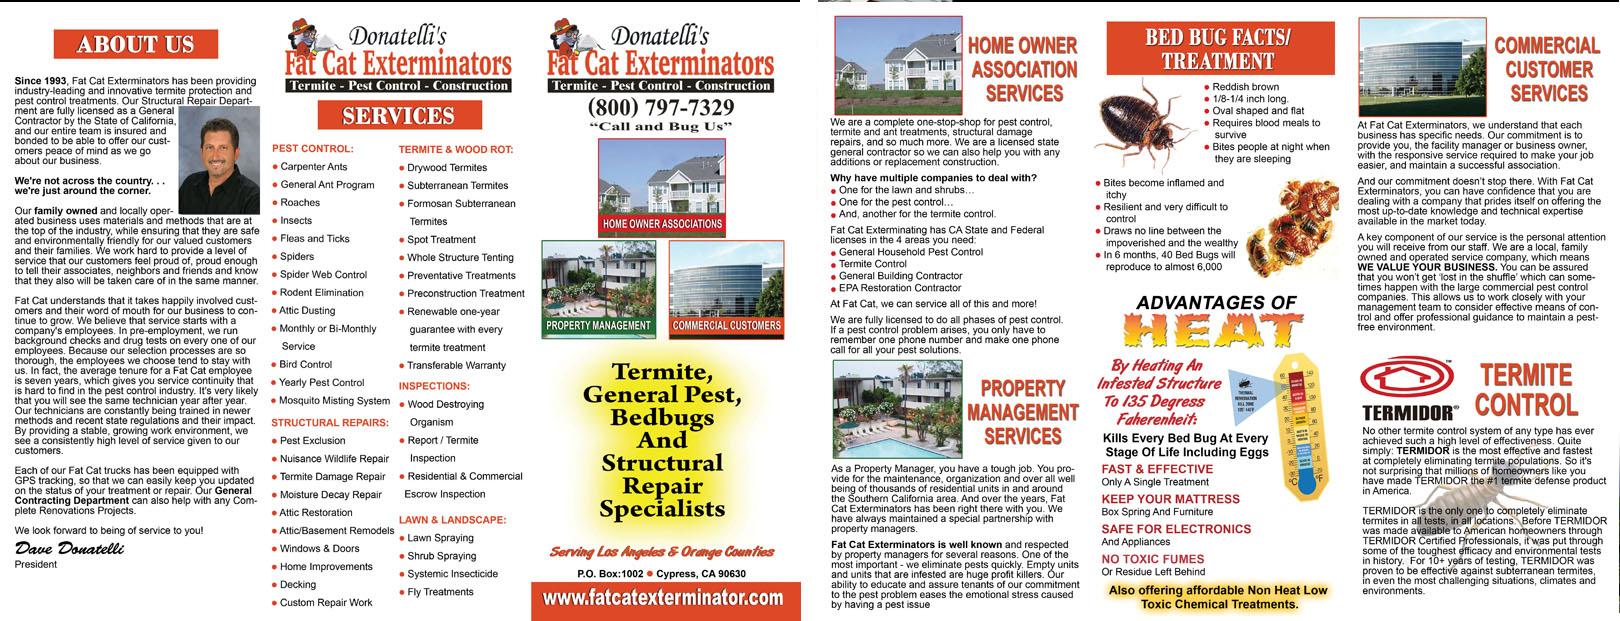 Brochure Pest Control Designs for Fat Cat